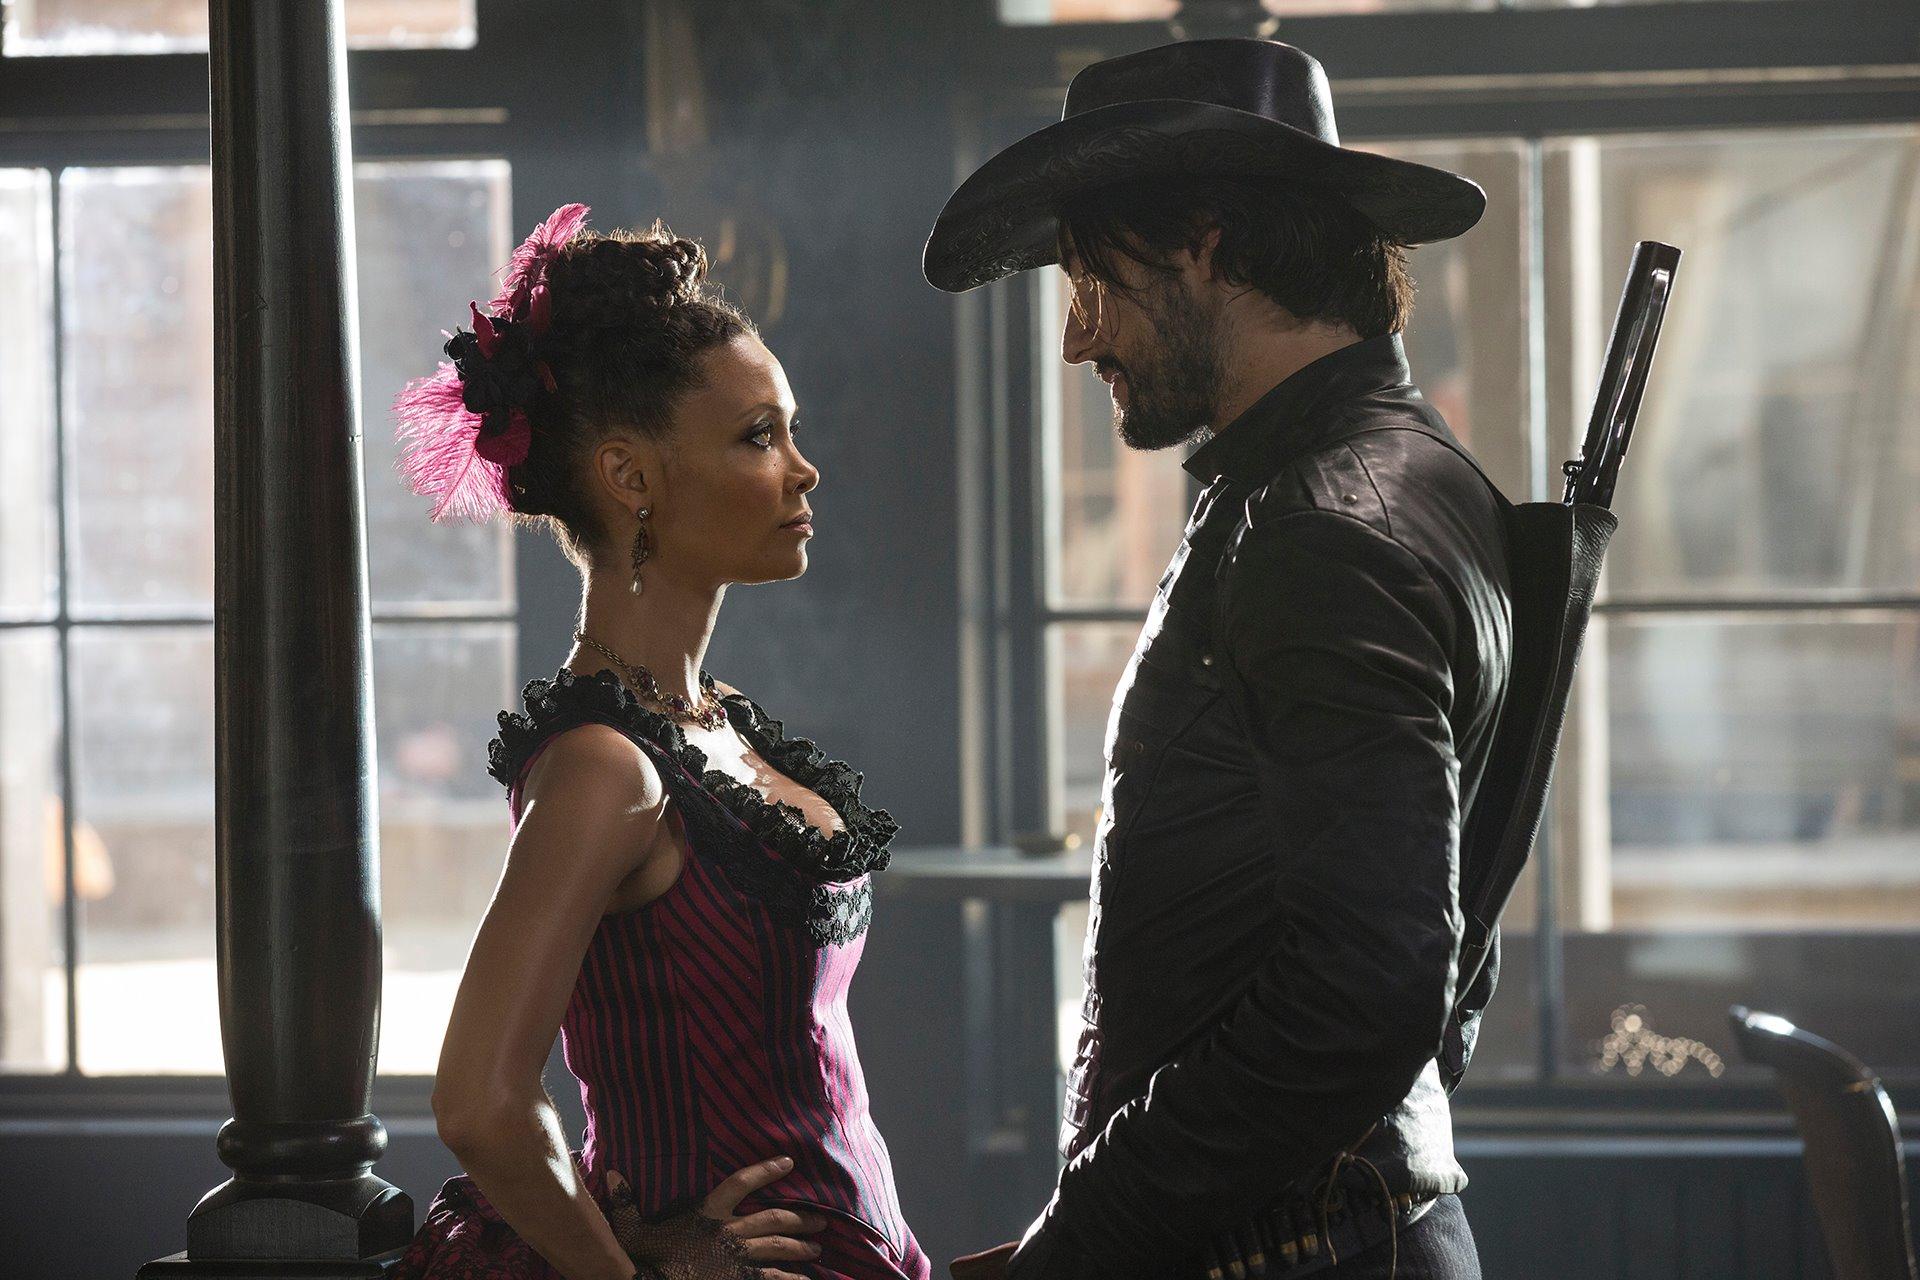 Thandie Newton as Maeve Millay andRodrigo Santoro as Hector Escaton in Westworld